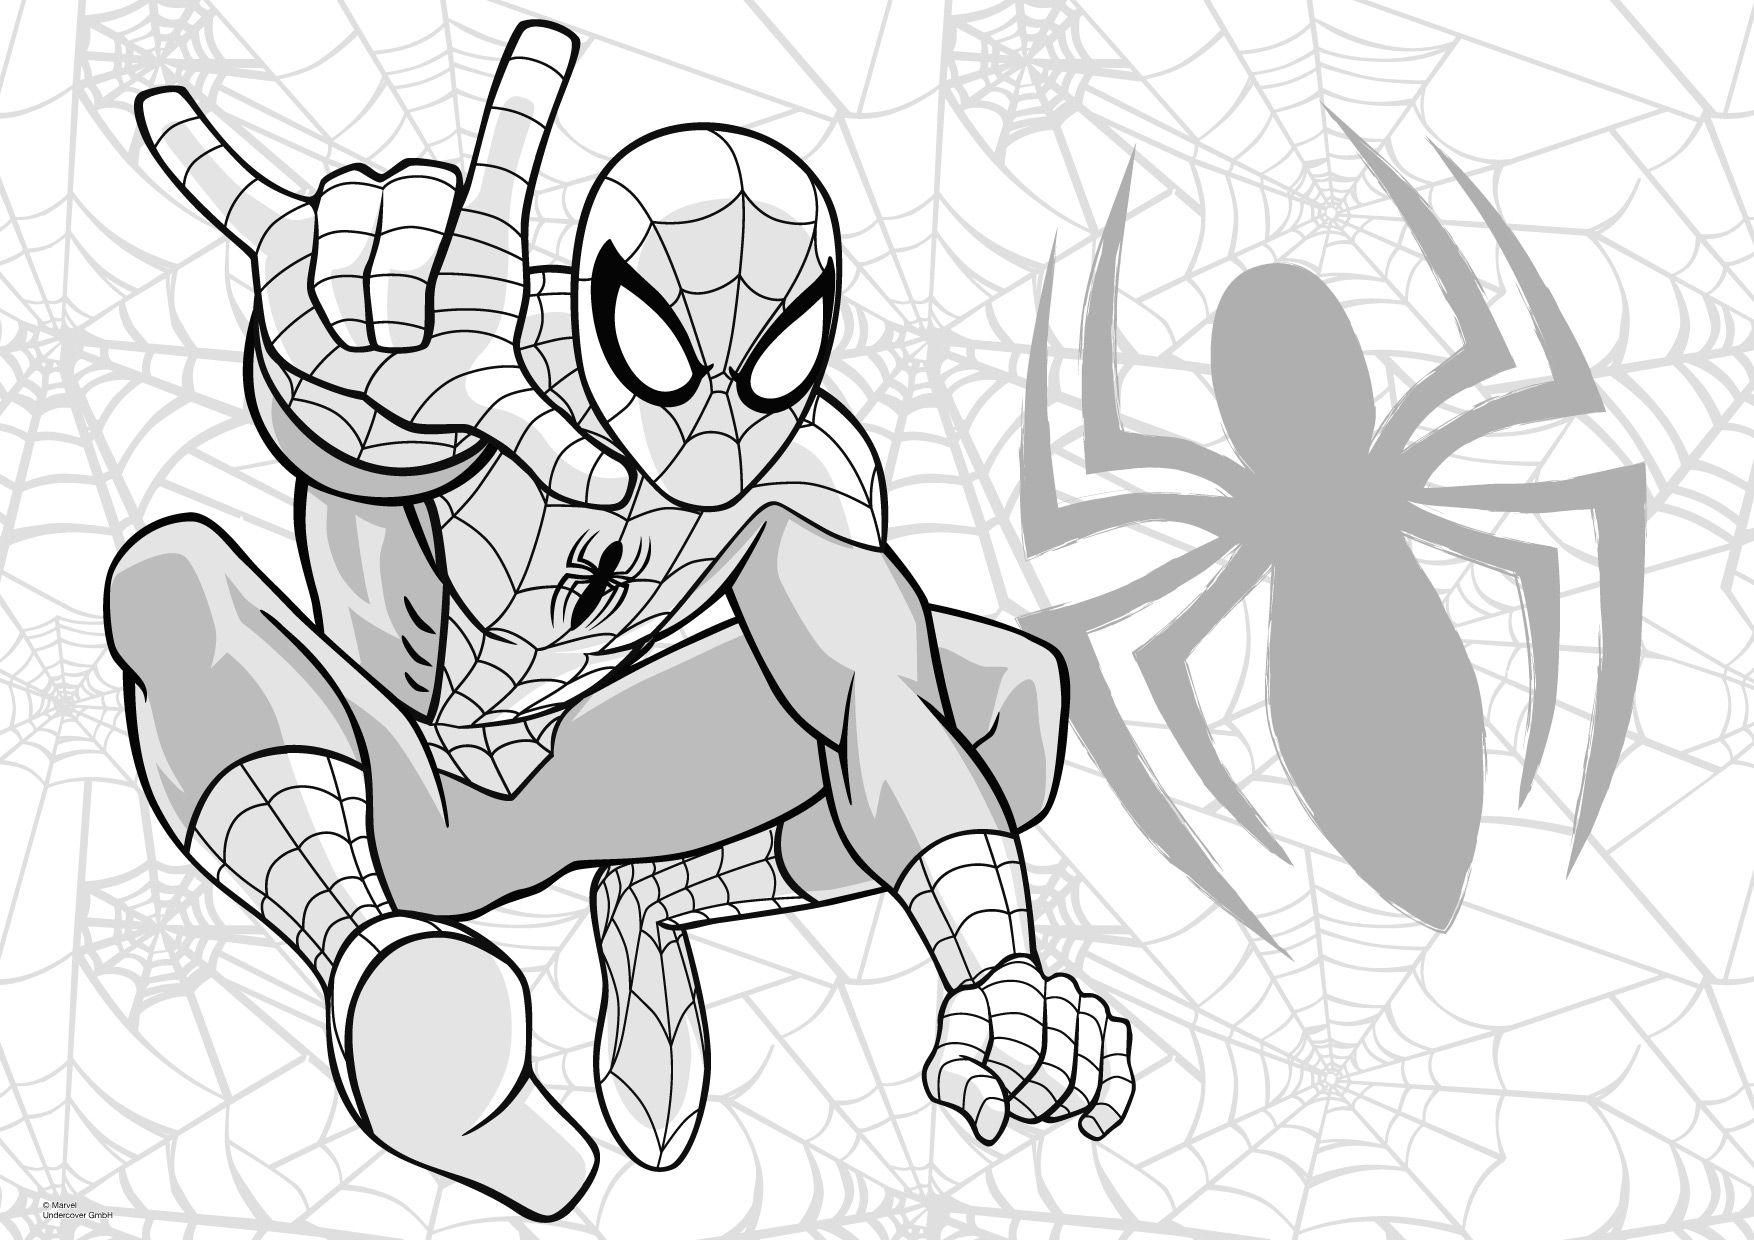 Malvorlagen Ausmalbilder Spiderman: Spiderman Malvorlagen 06